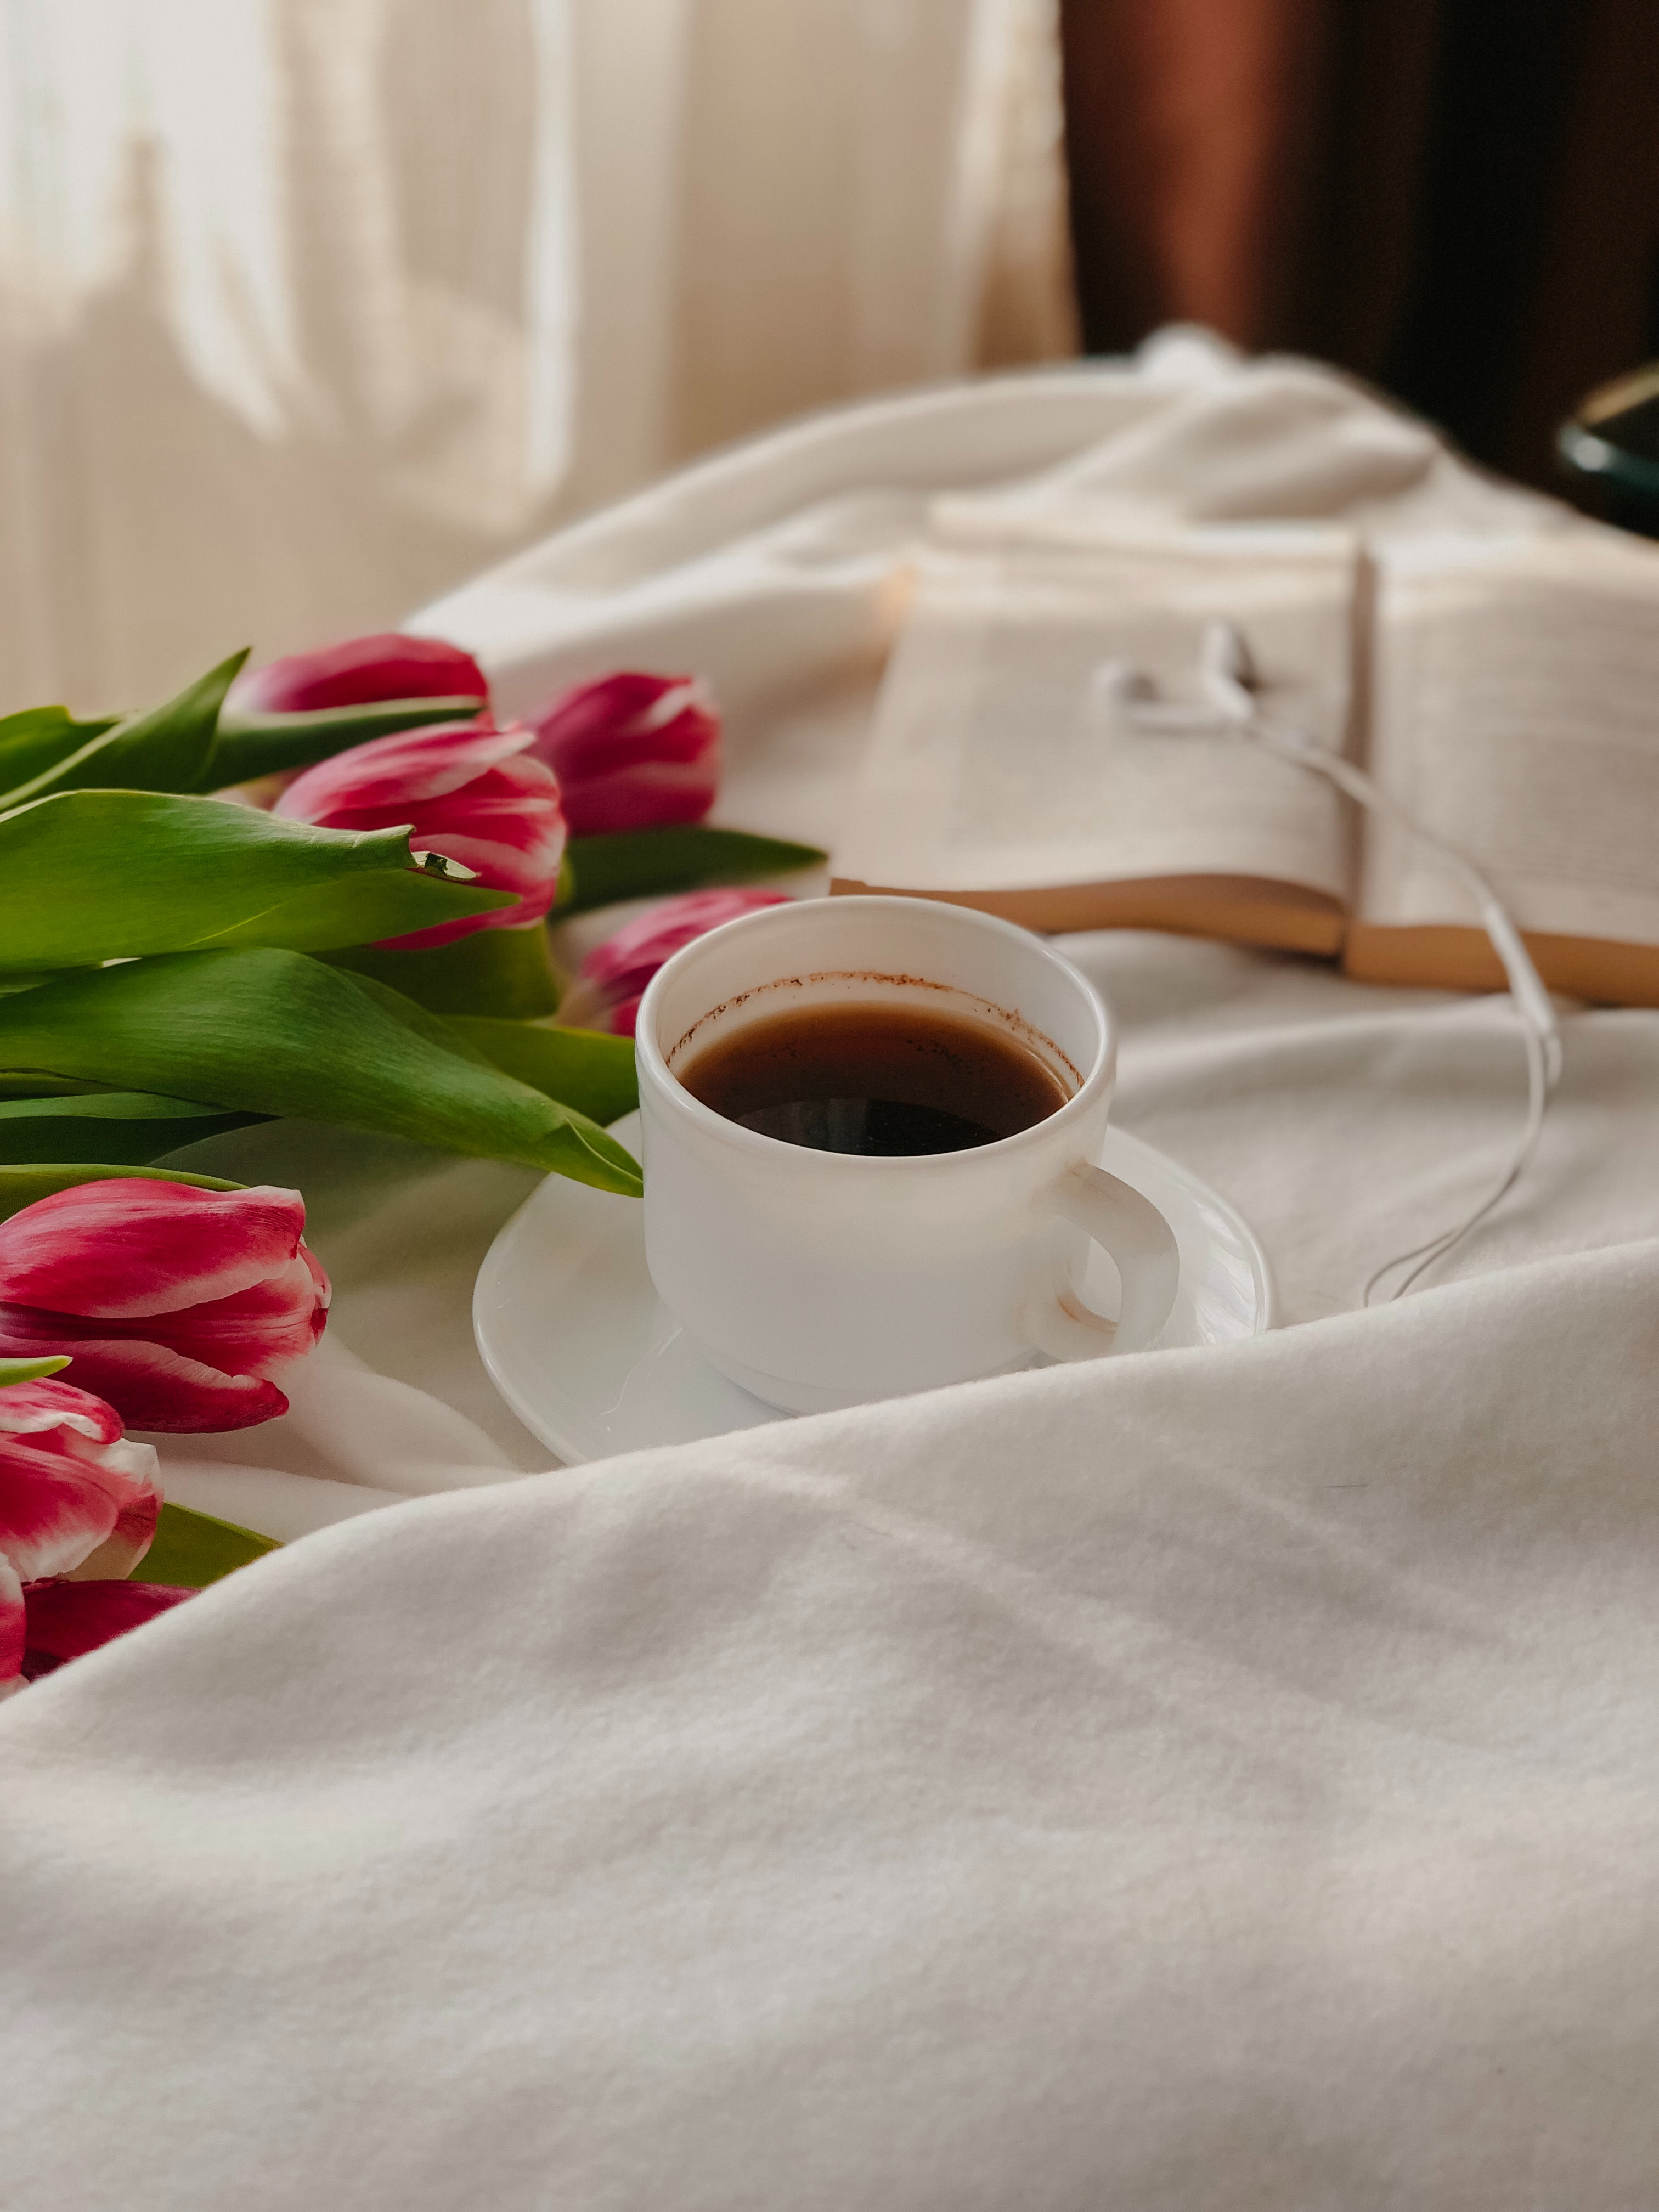 152354 скачать обои Разное, Кофе, Чашка, Книга, Ткань, Тюльпаны - заставки и картинки бесплатно